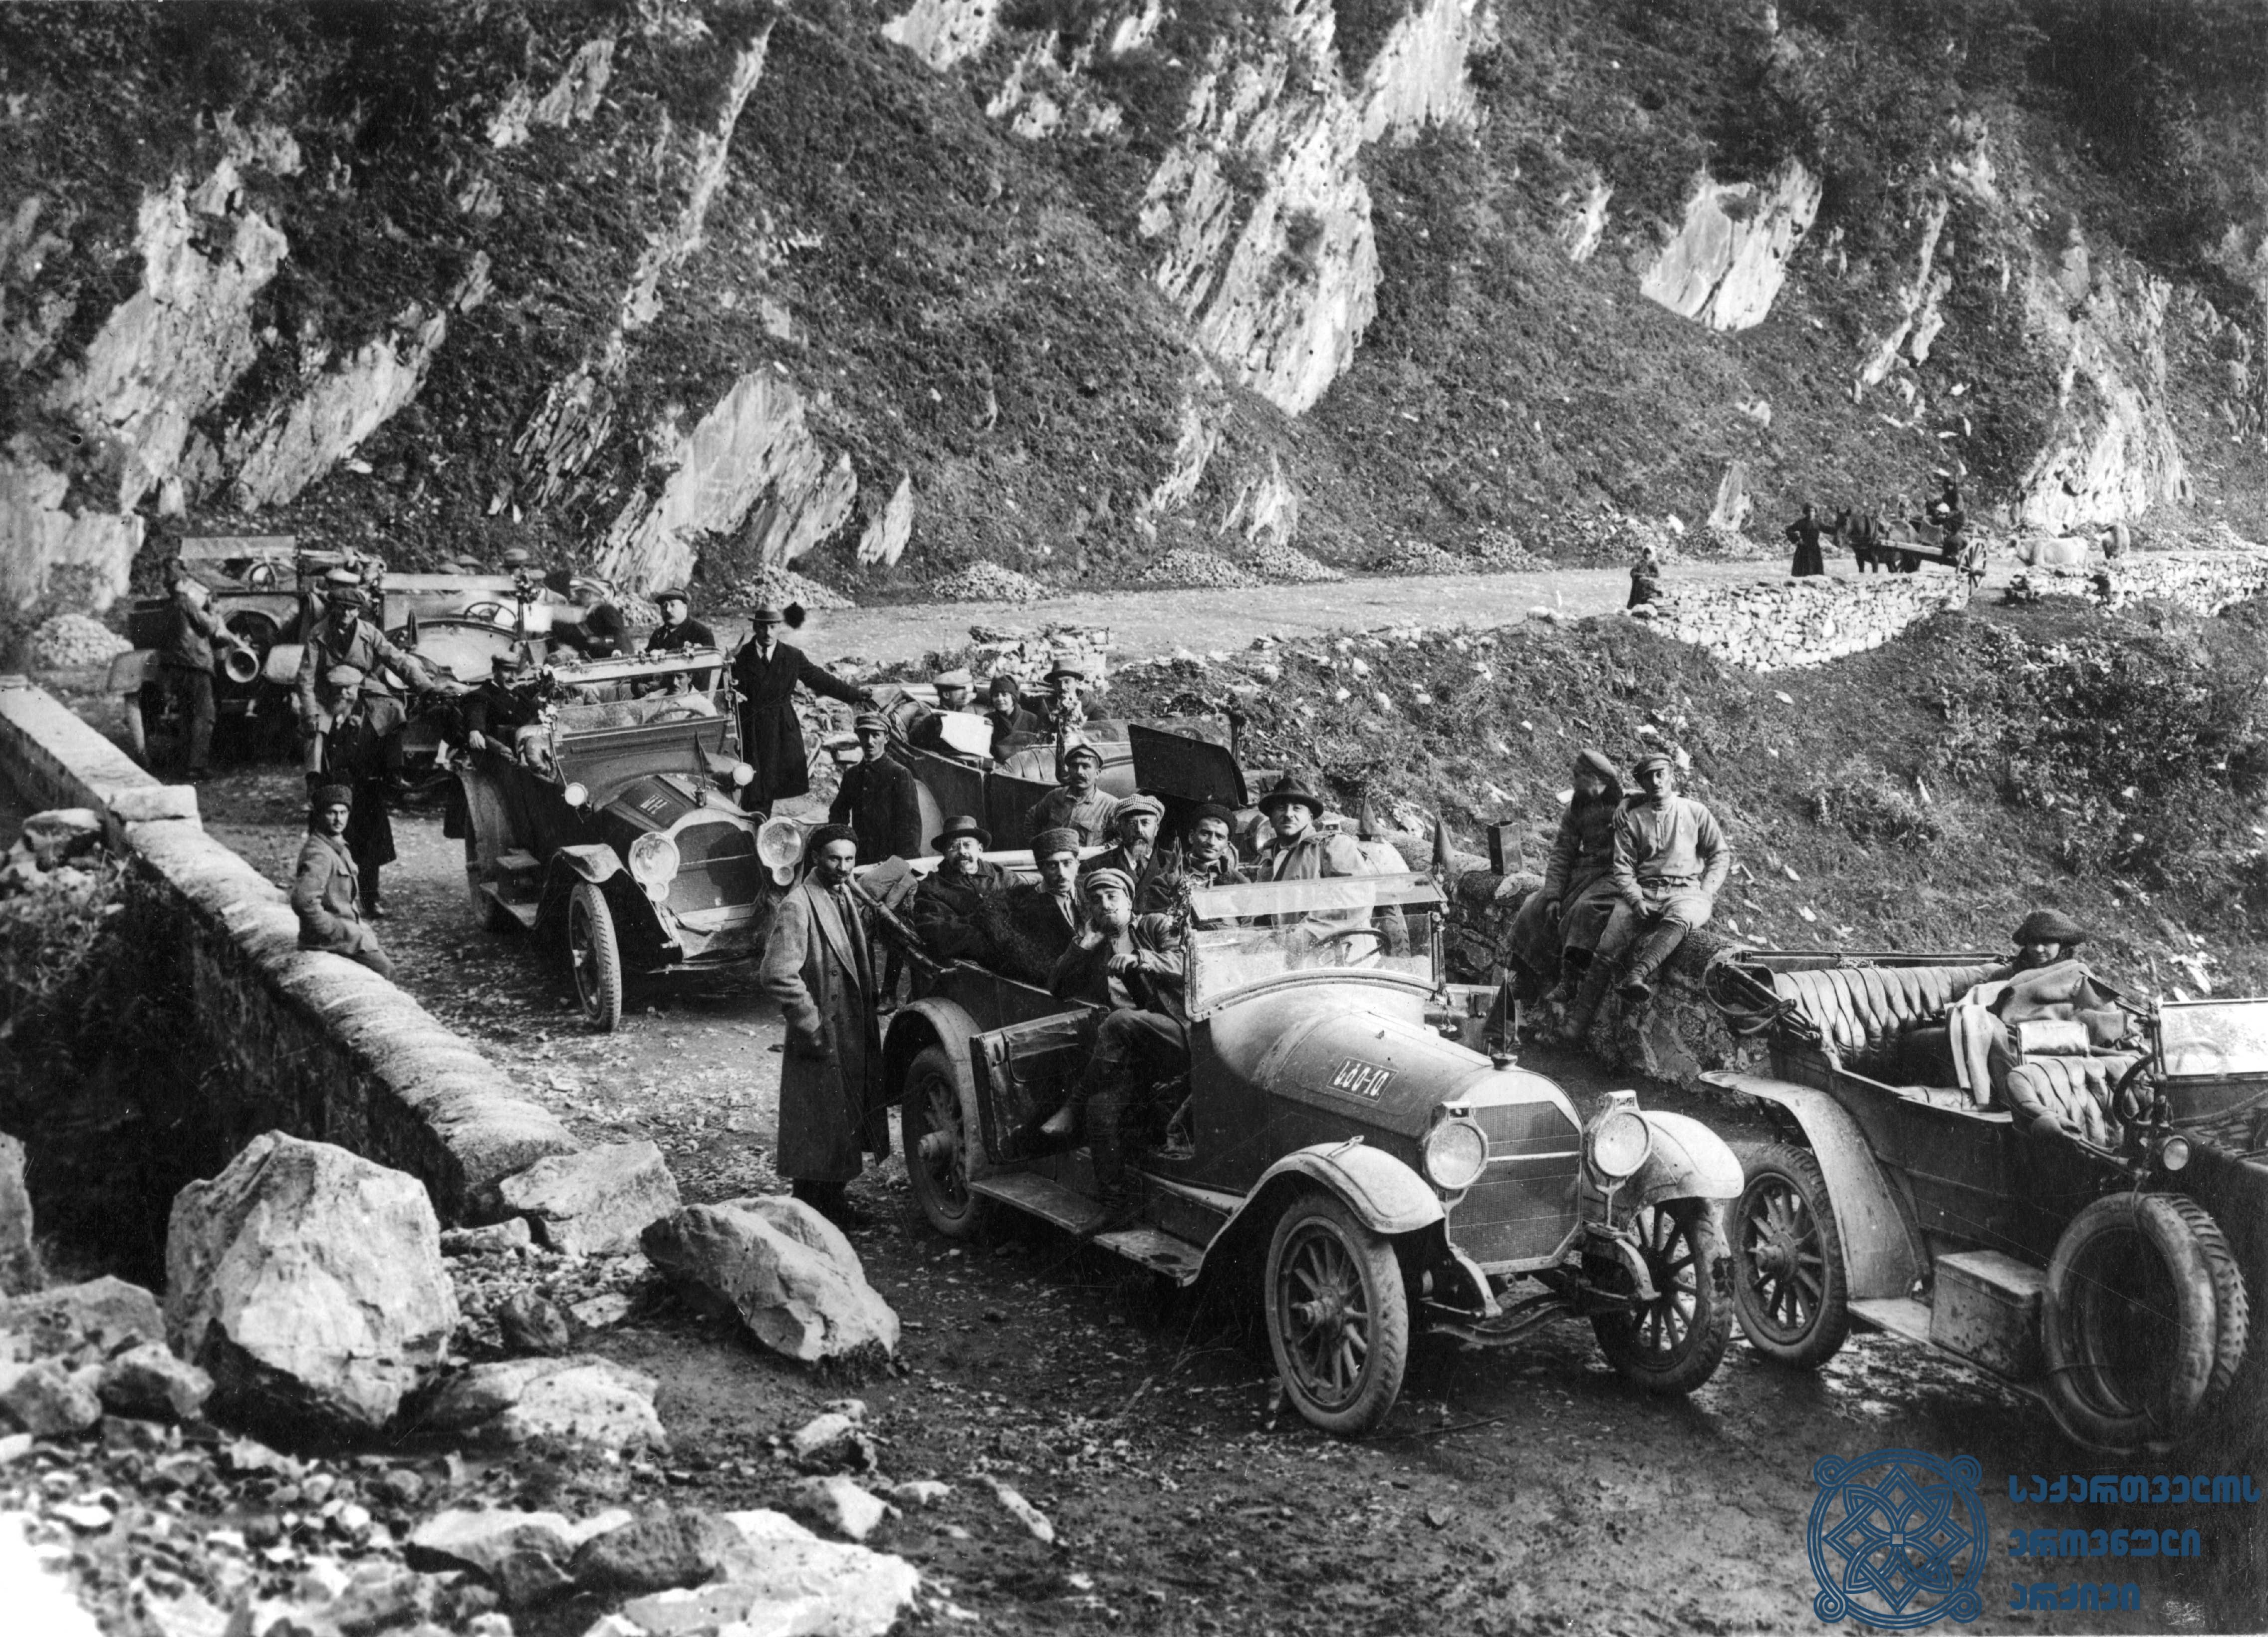 მეორე სოციალისტური ინტერნაციონალის წევრების ვიზიტი ხევში. 1920 წლის სექტემბერი. <br> Visit of the members of the Second Socialist International to Khevi. September 1920.